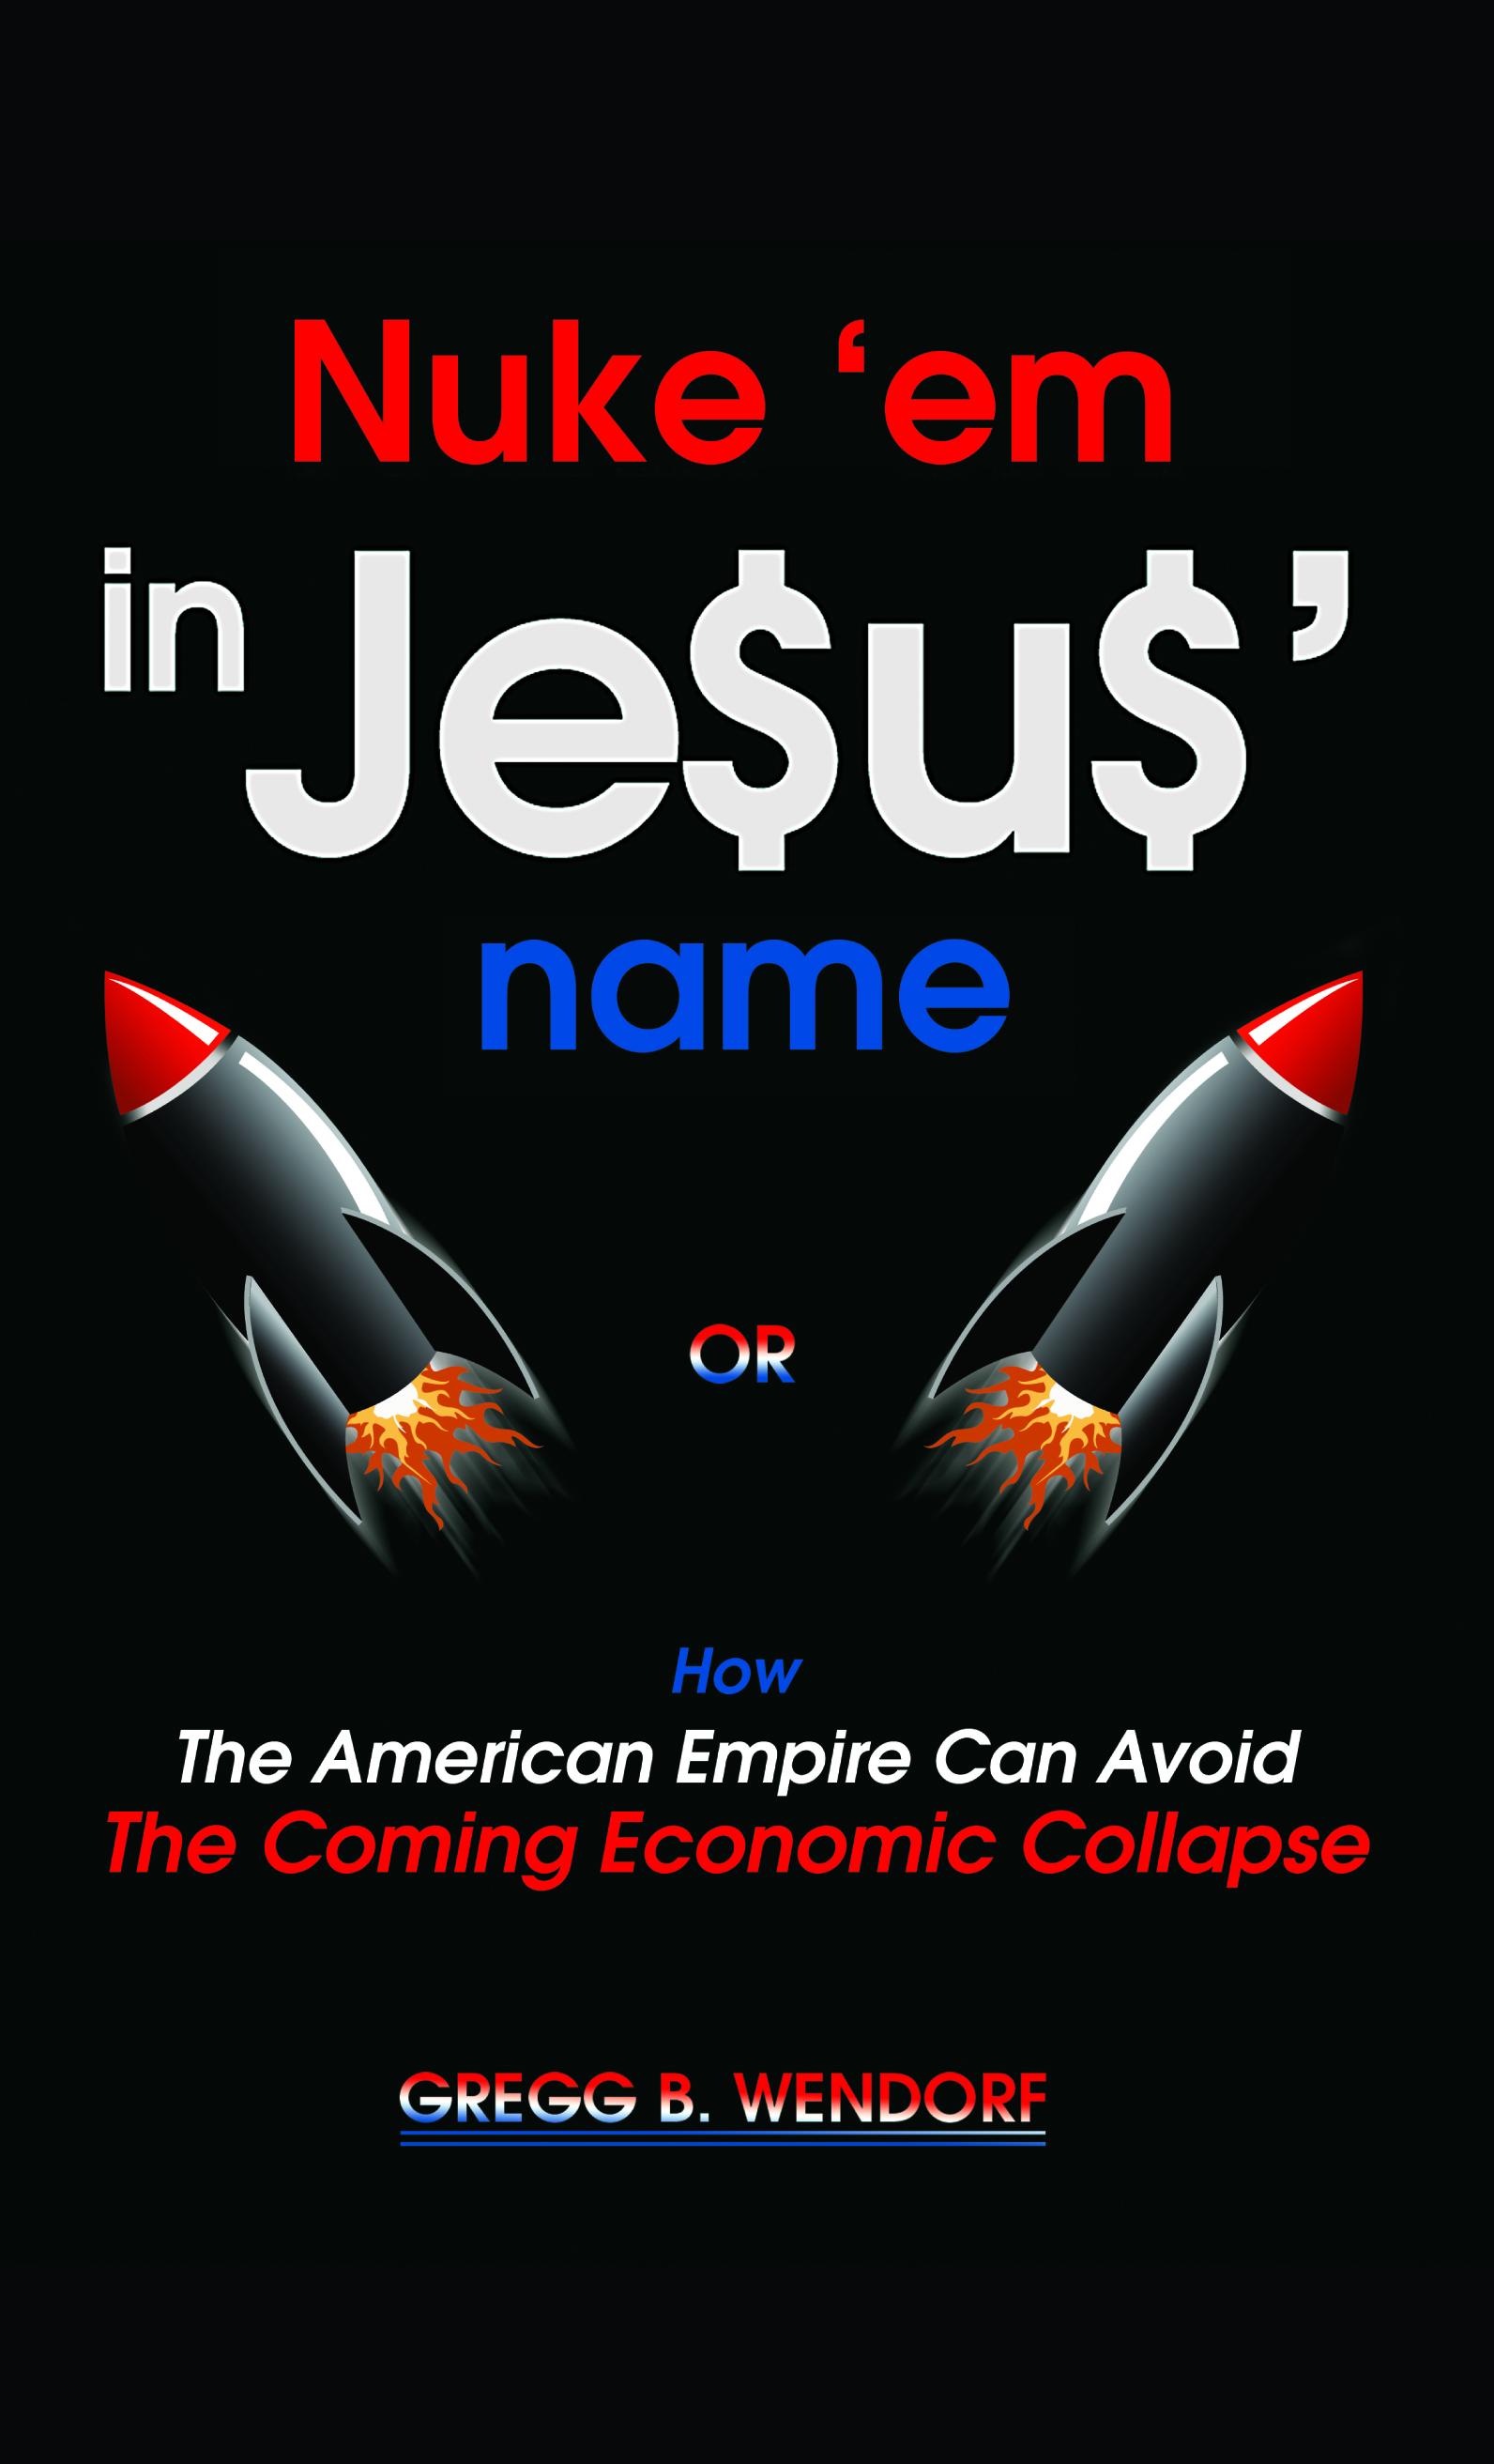 Nuke em in Jesus' name